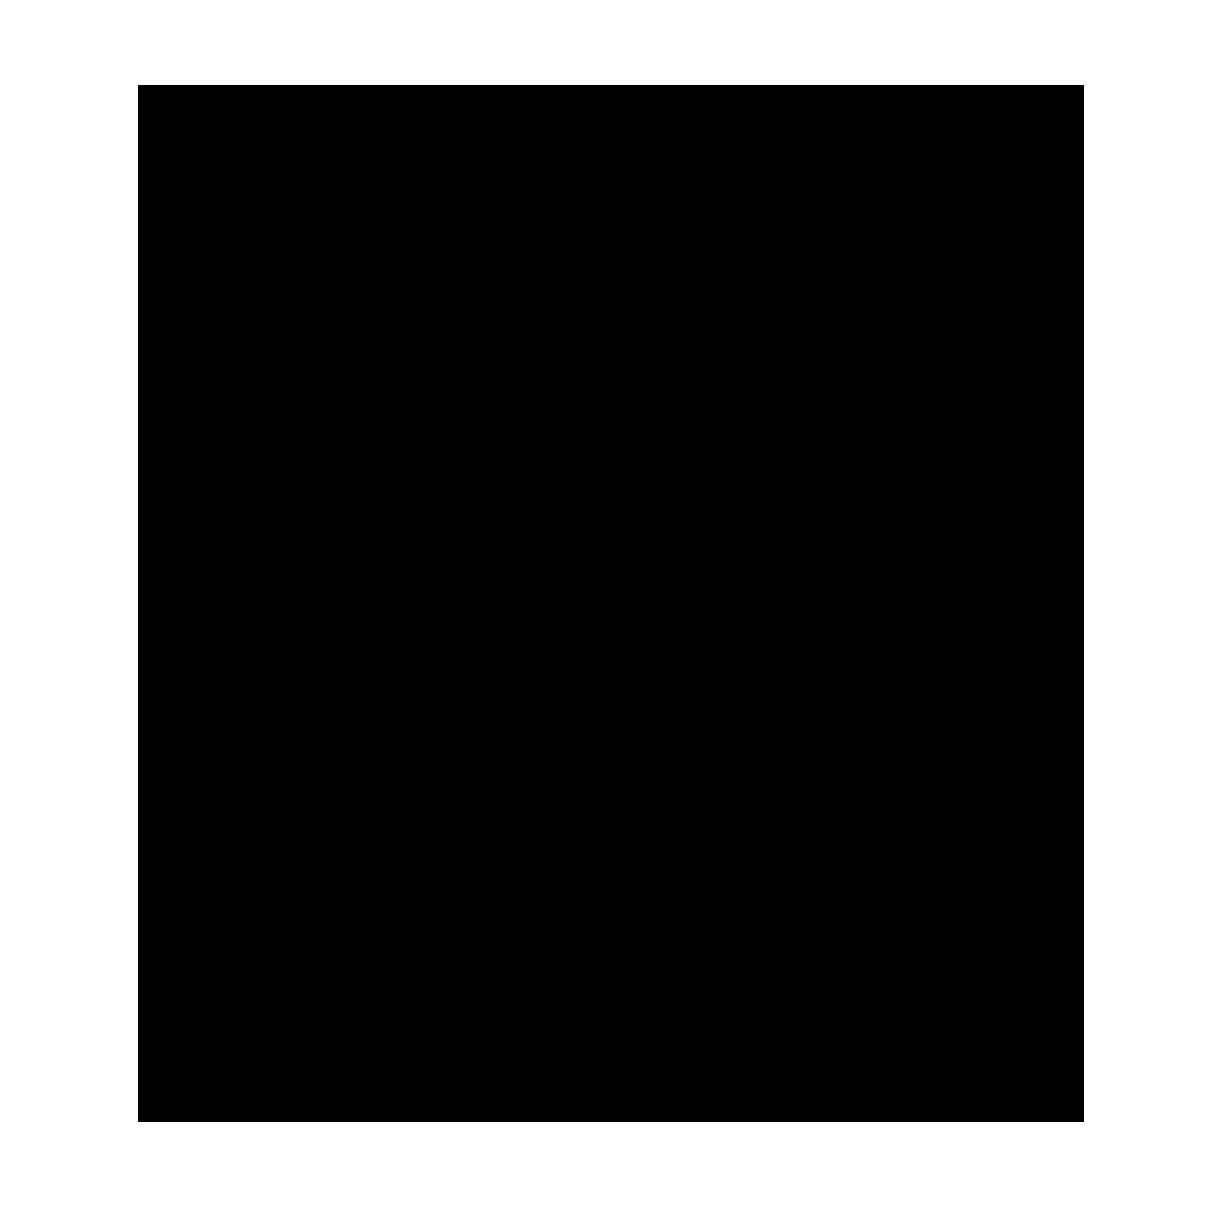 D+F_logo.png